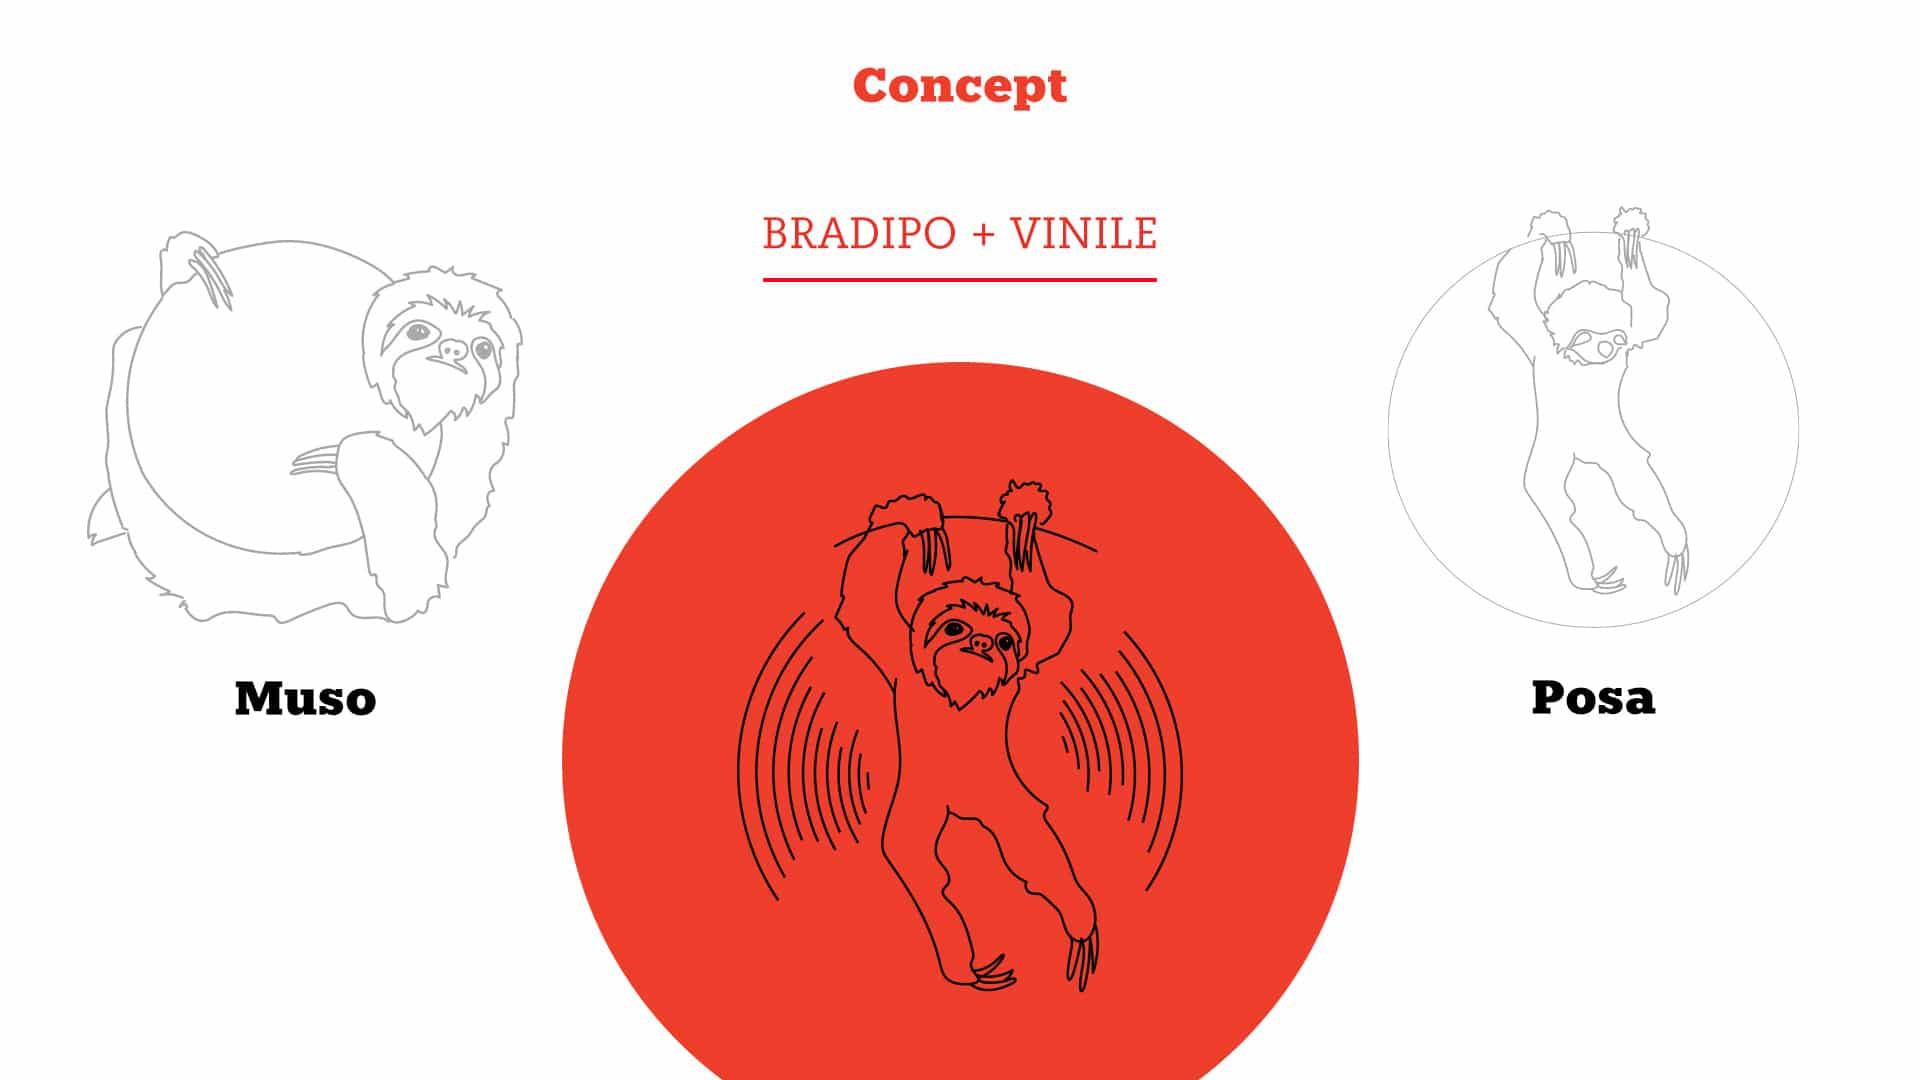 01 grafico milano logotype bradipo dischi